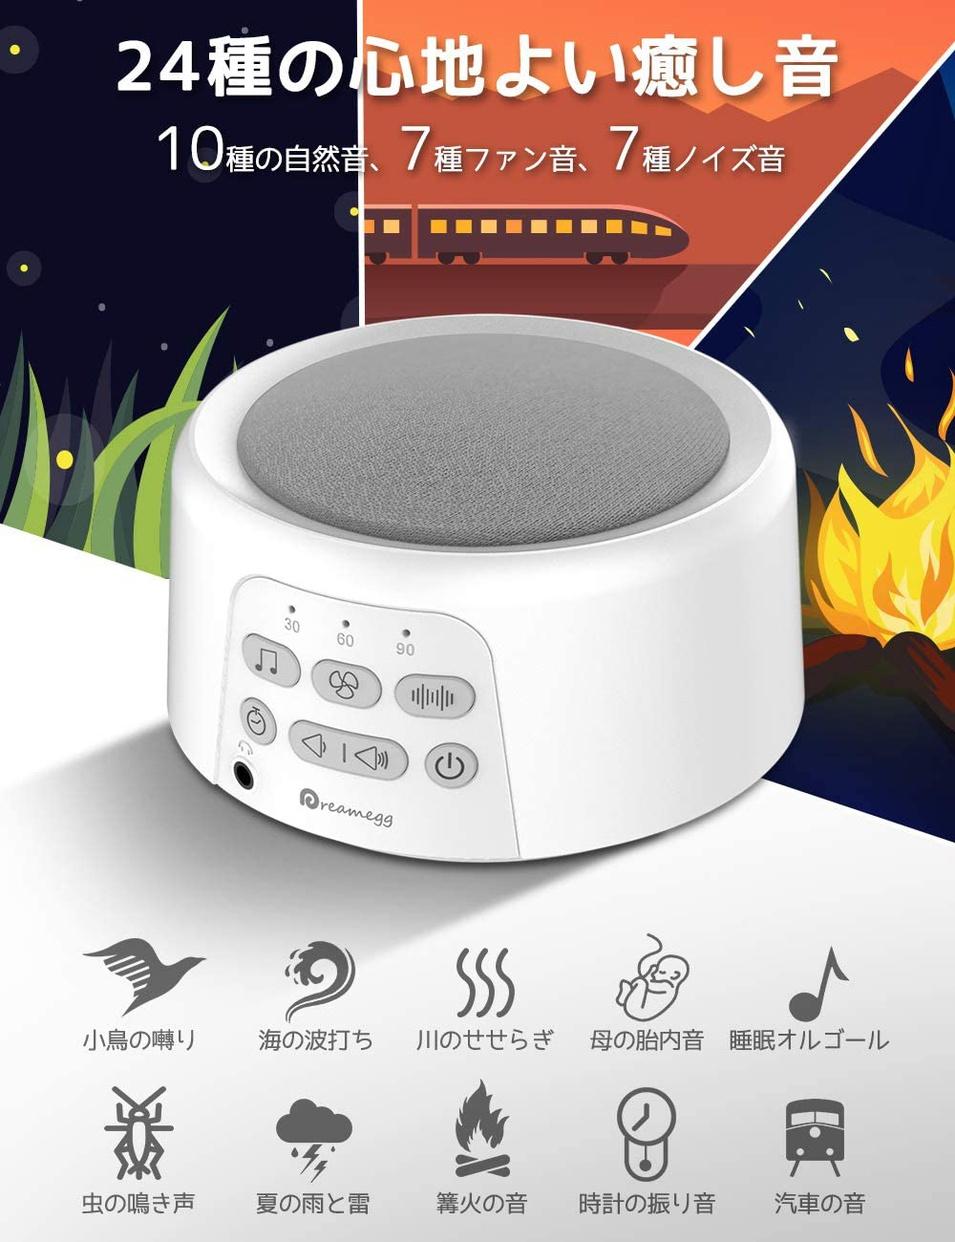 Dreamegg(ドリームエッグ) ホワイトノイズマシンの商品画像2